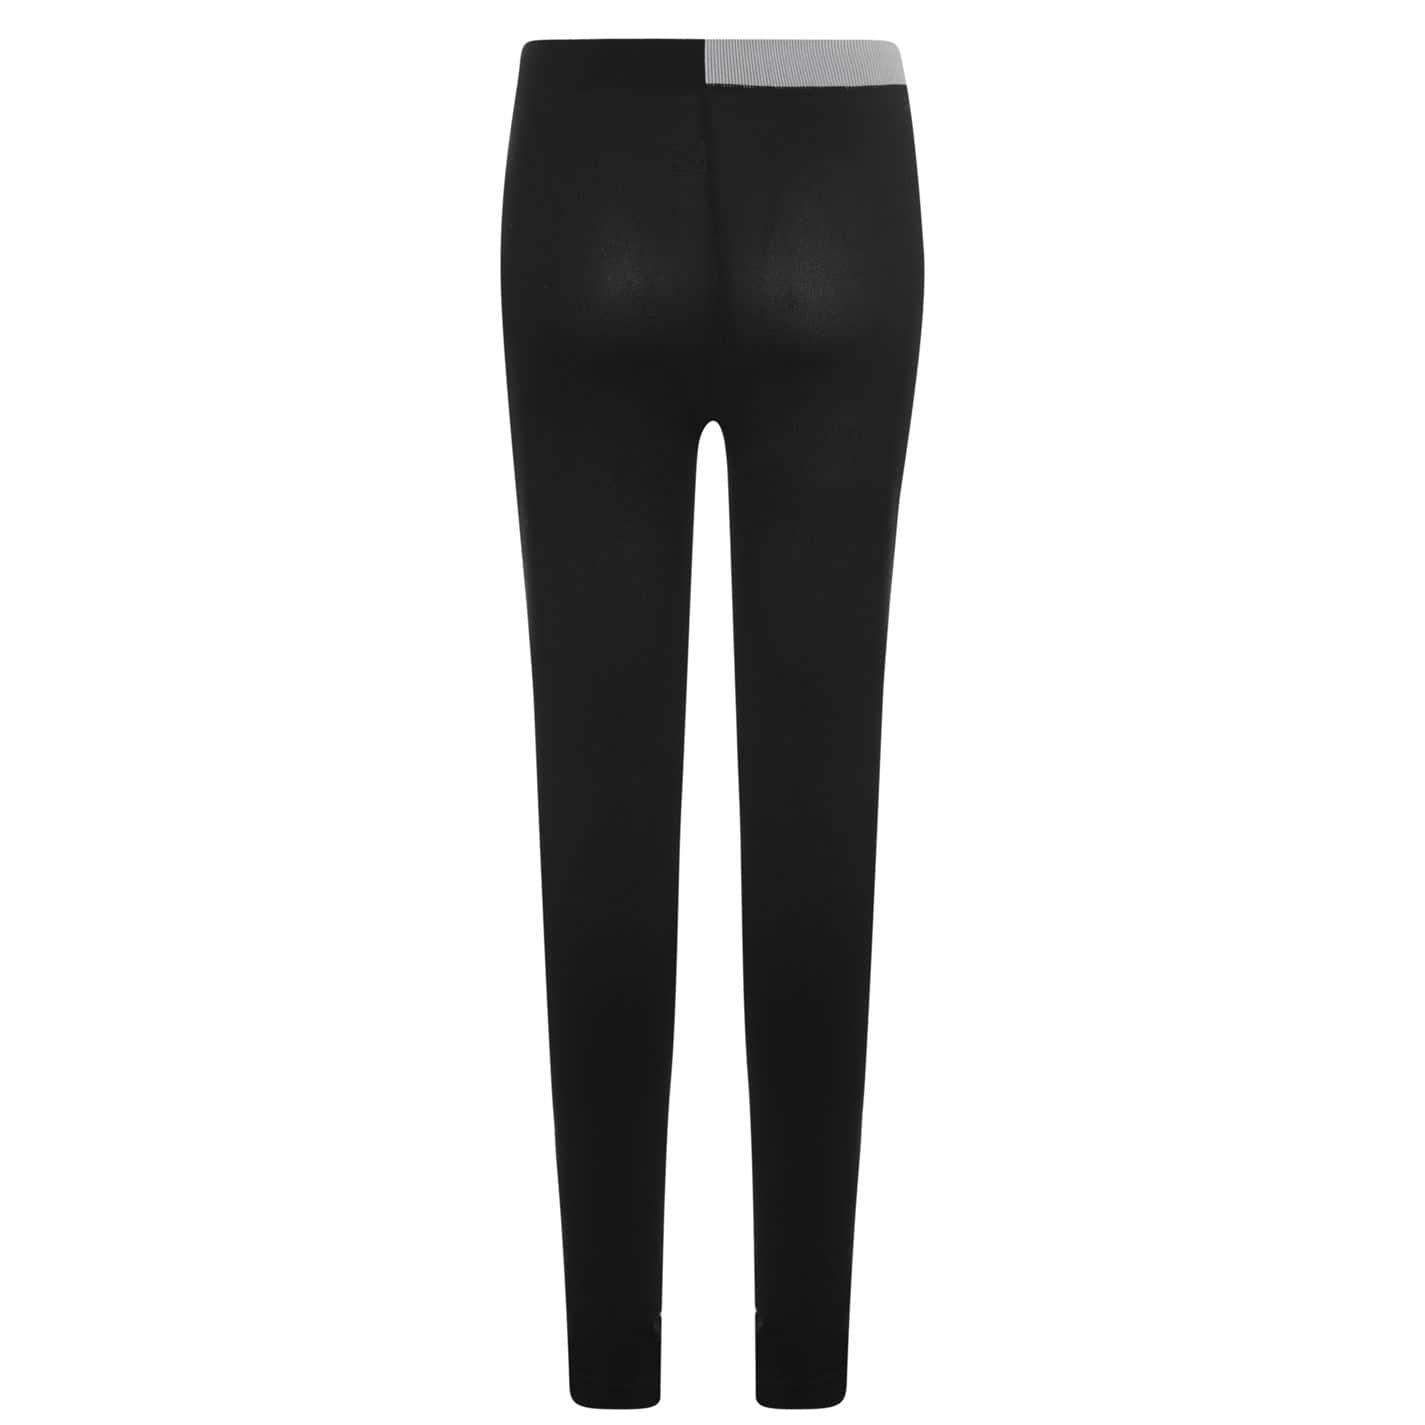 Women's Leggins Calvin Klein Underwear Soft Touch